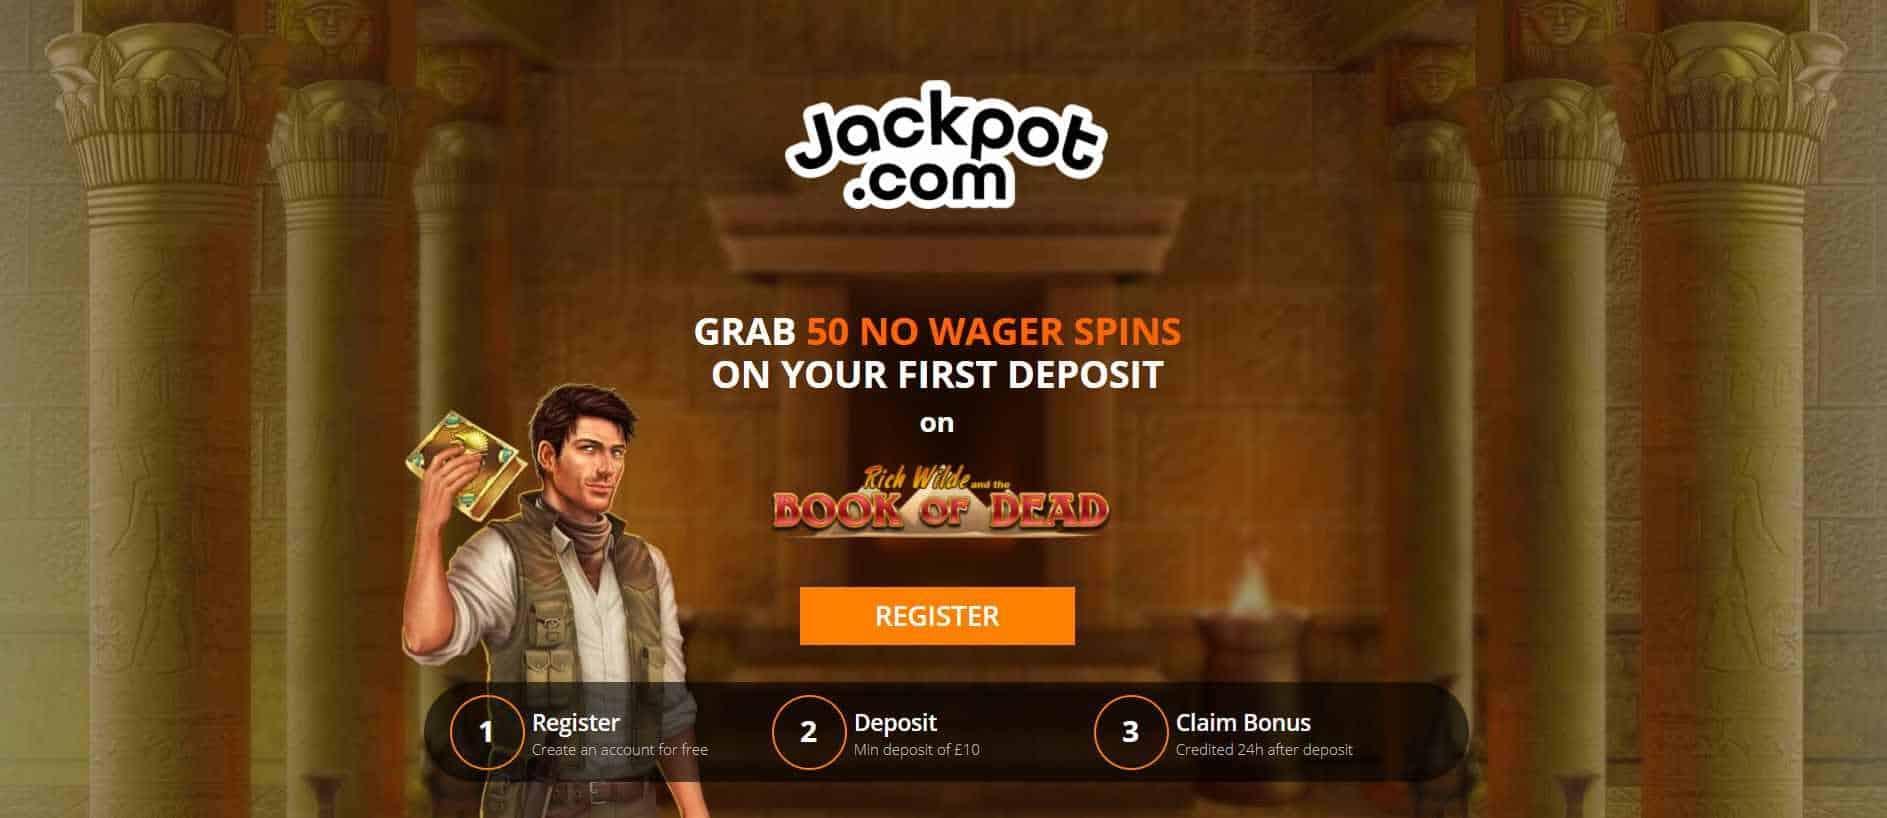 Jackpot.com Bonuses